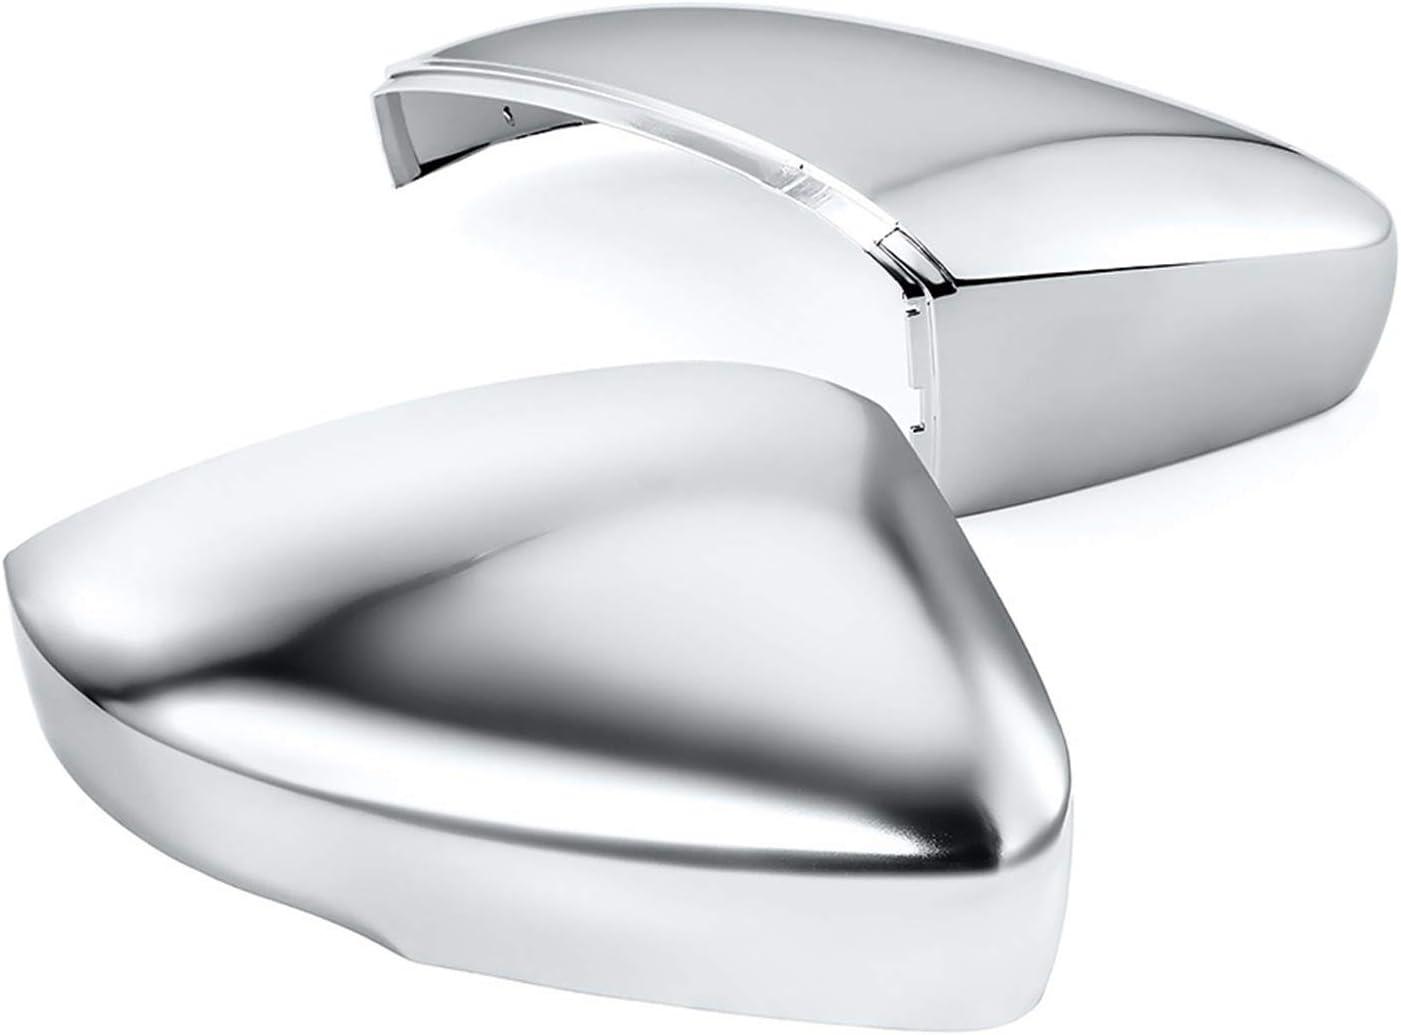 LQIAN Max 59% OFF Door Mirror Cover Rearview Pair Japan Maker New Mat of 1